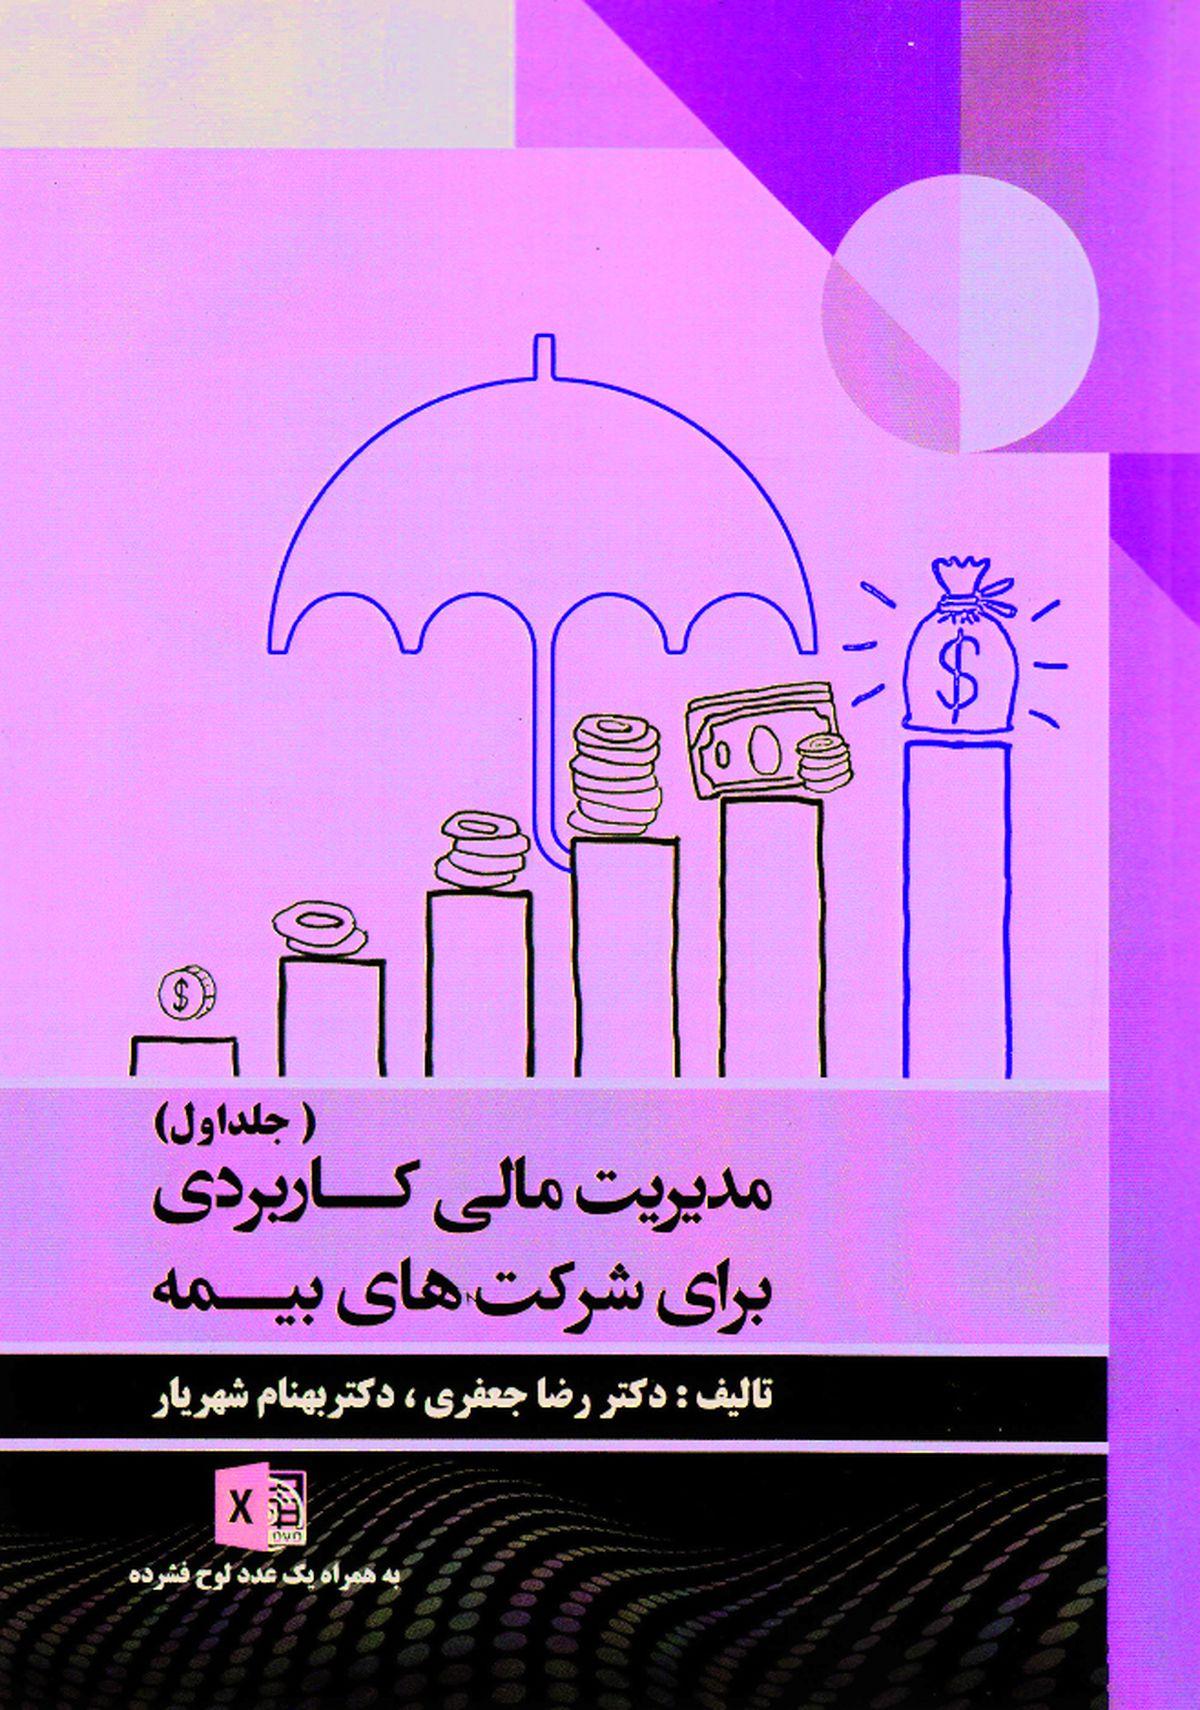 کتاب مدیریت مالی کاربردی برای شرکتهای بیمه منتشر شد